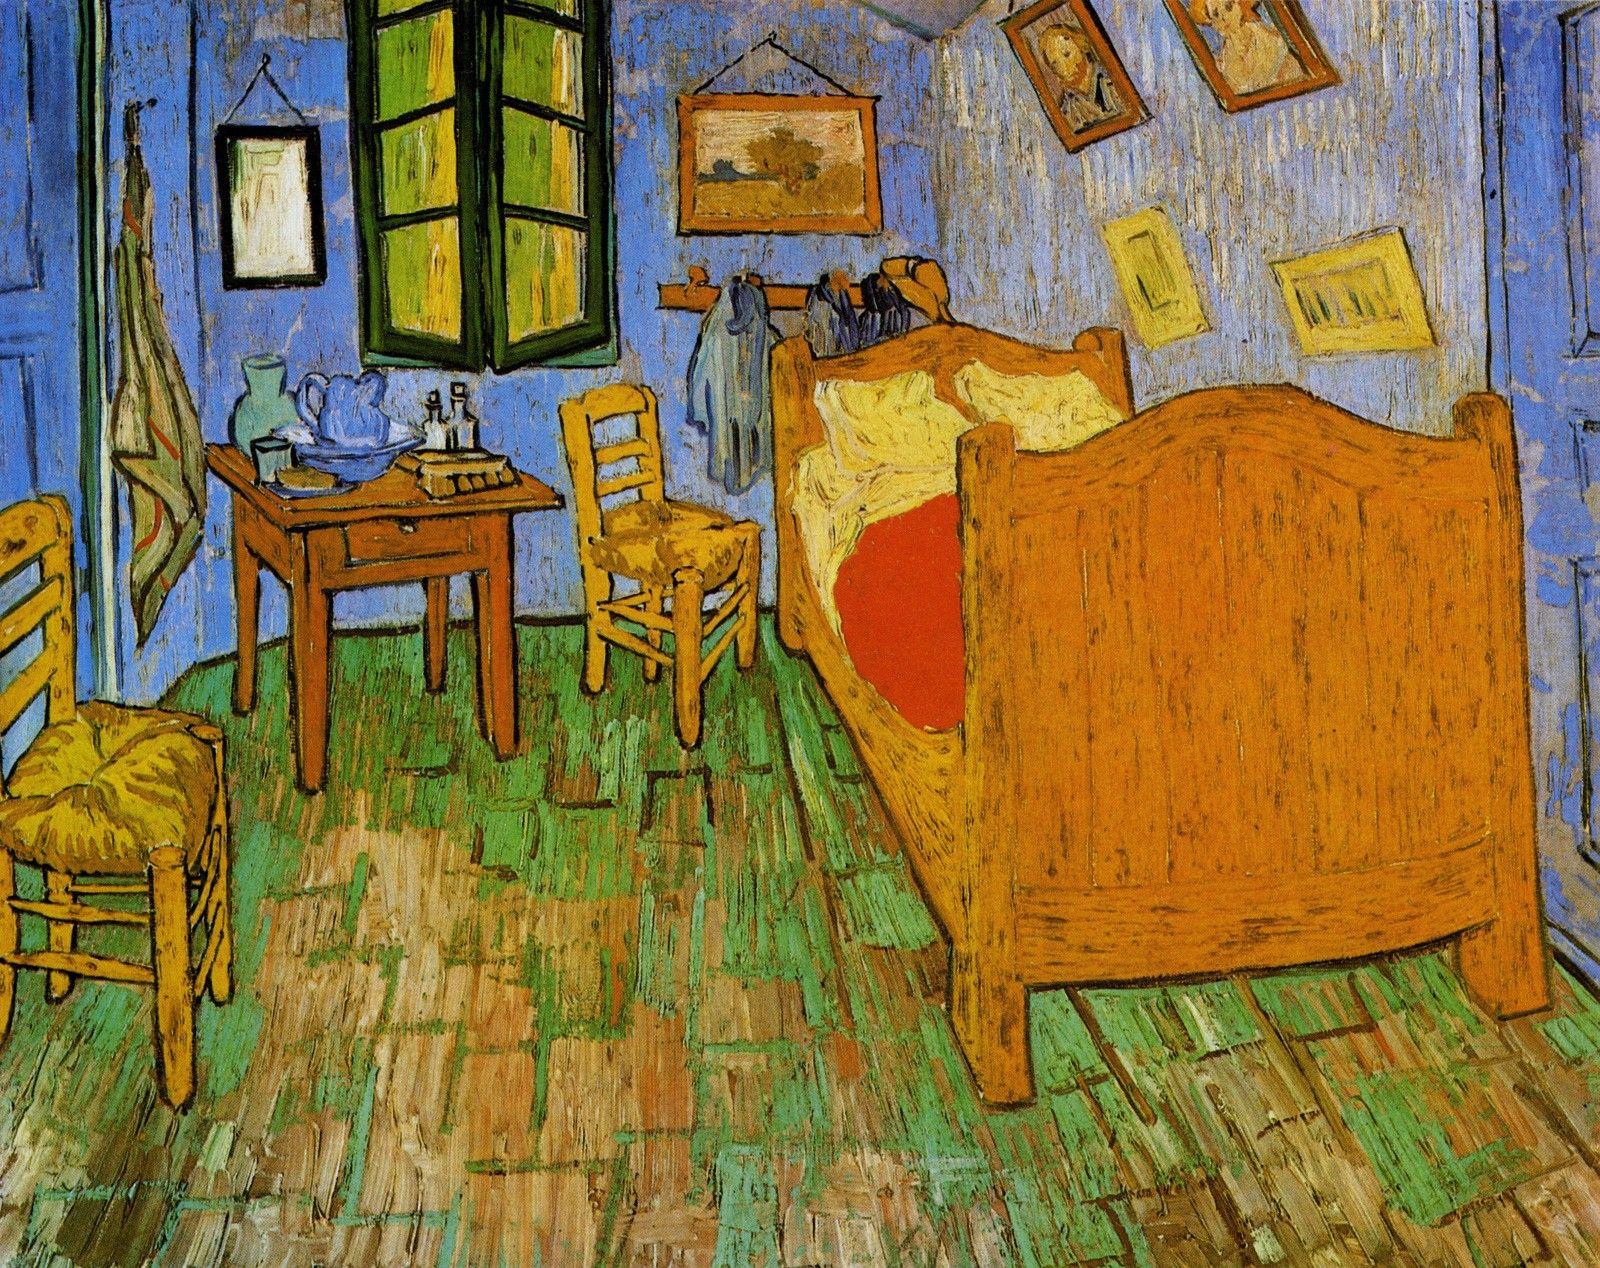 20 Amazing & Vivid paintings by Van Gogh | Van gogh, Vans and Drawings